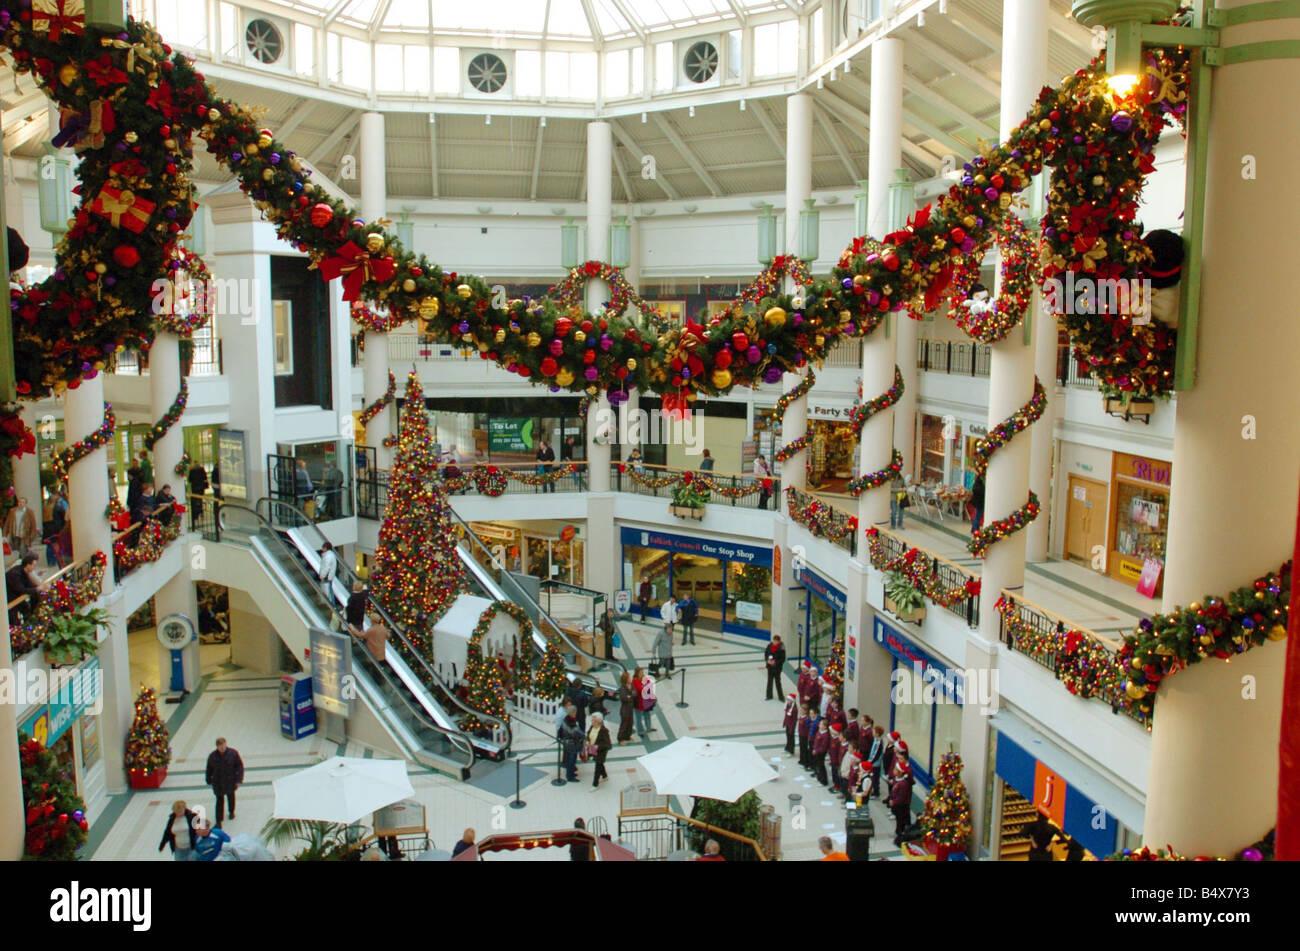 Falkirk Shops For Christmas Shopping Callendar Square Shopping Mall